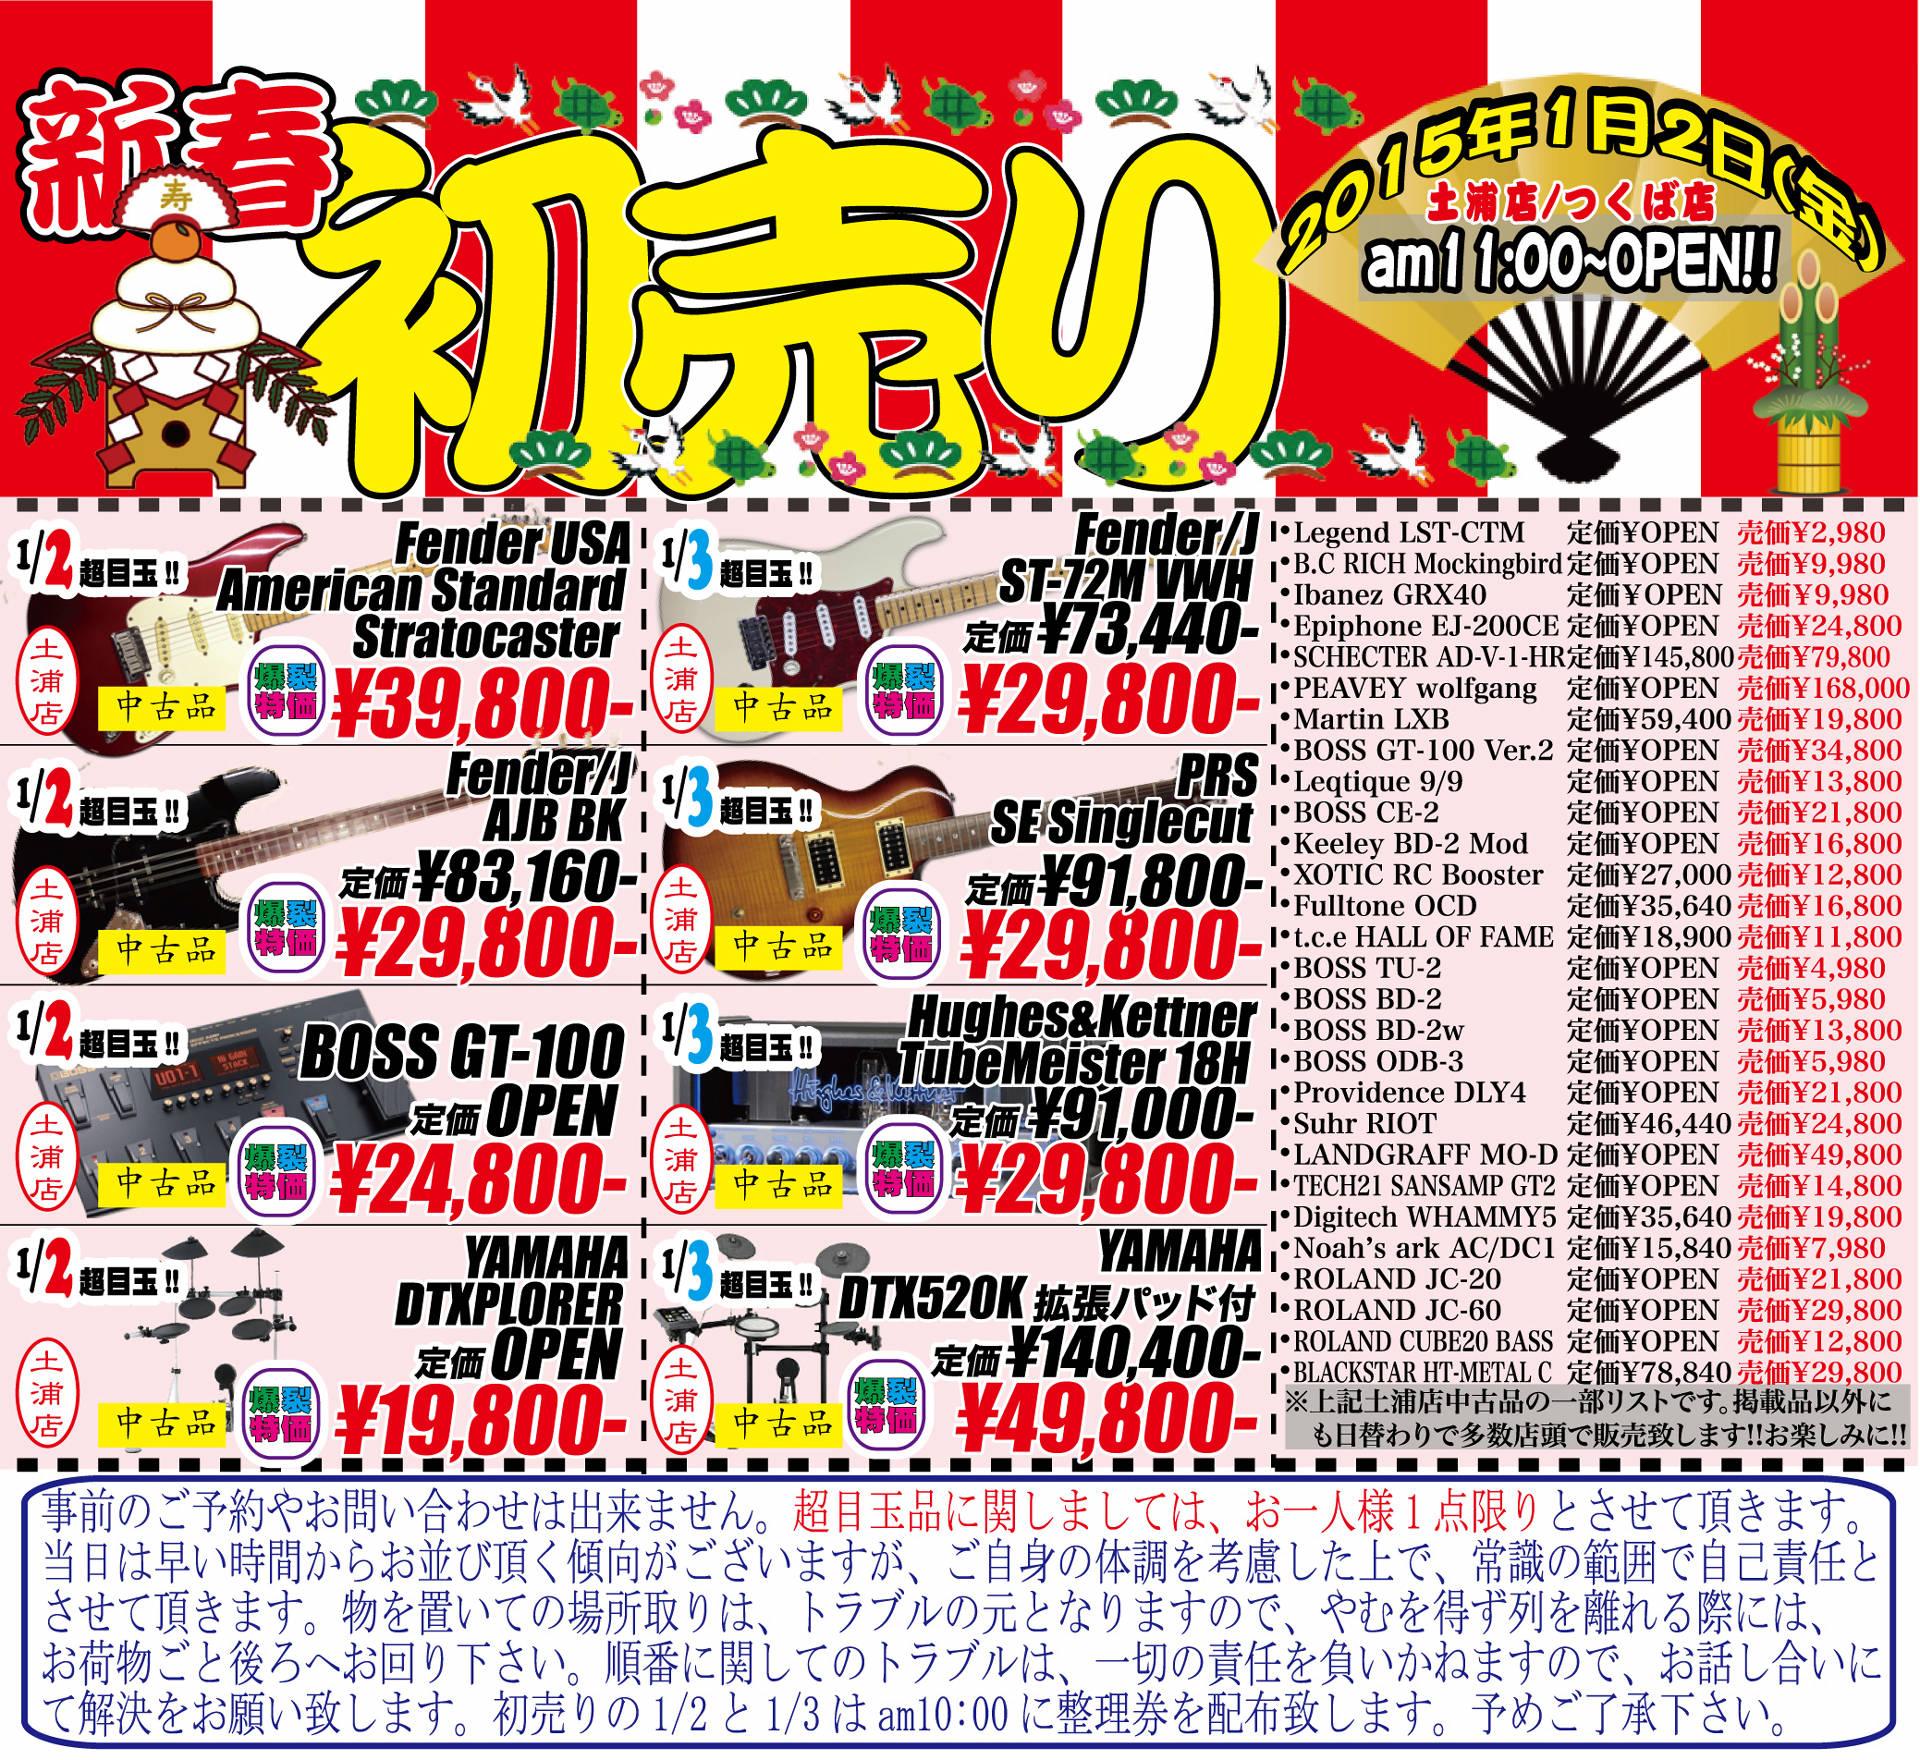 新年初売り情報土浦店中古市